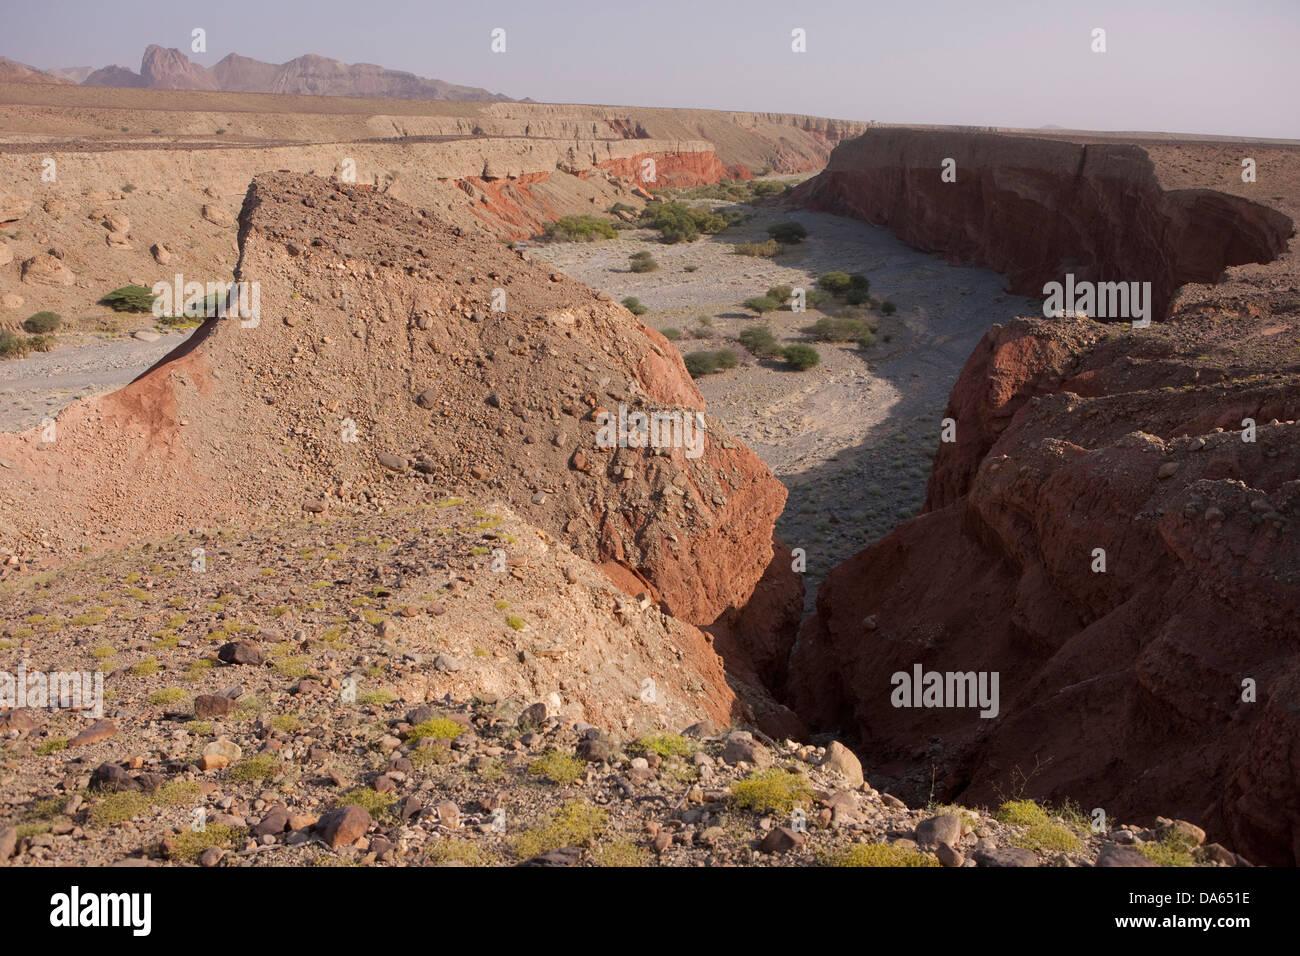 Reise, Fahrt, Abessinien Hochland, Abessinien, Highland, Afrika, Landschaft, Landschaft, Natur, Berg, Berge, Äthiopien, Stockbild